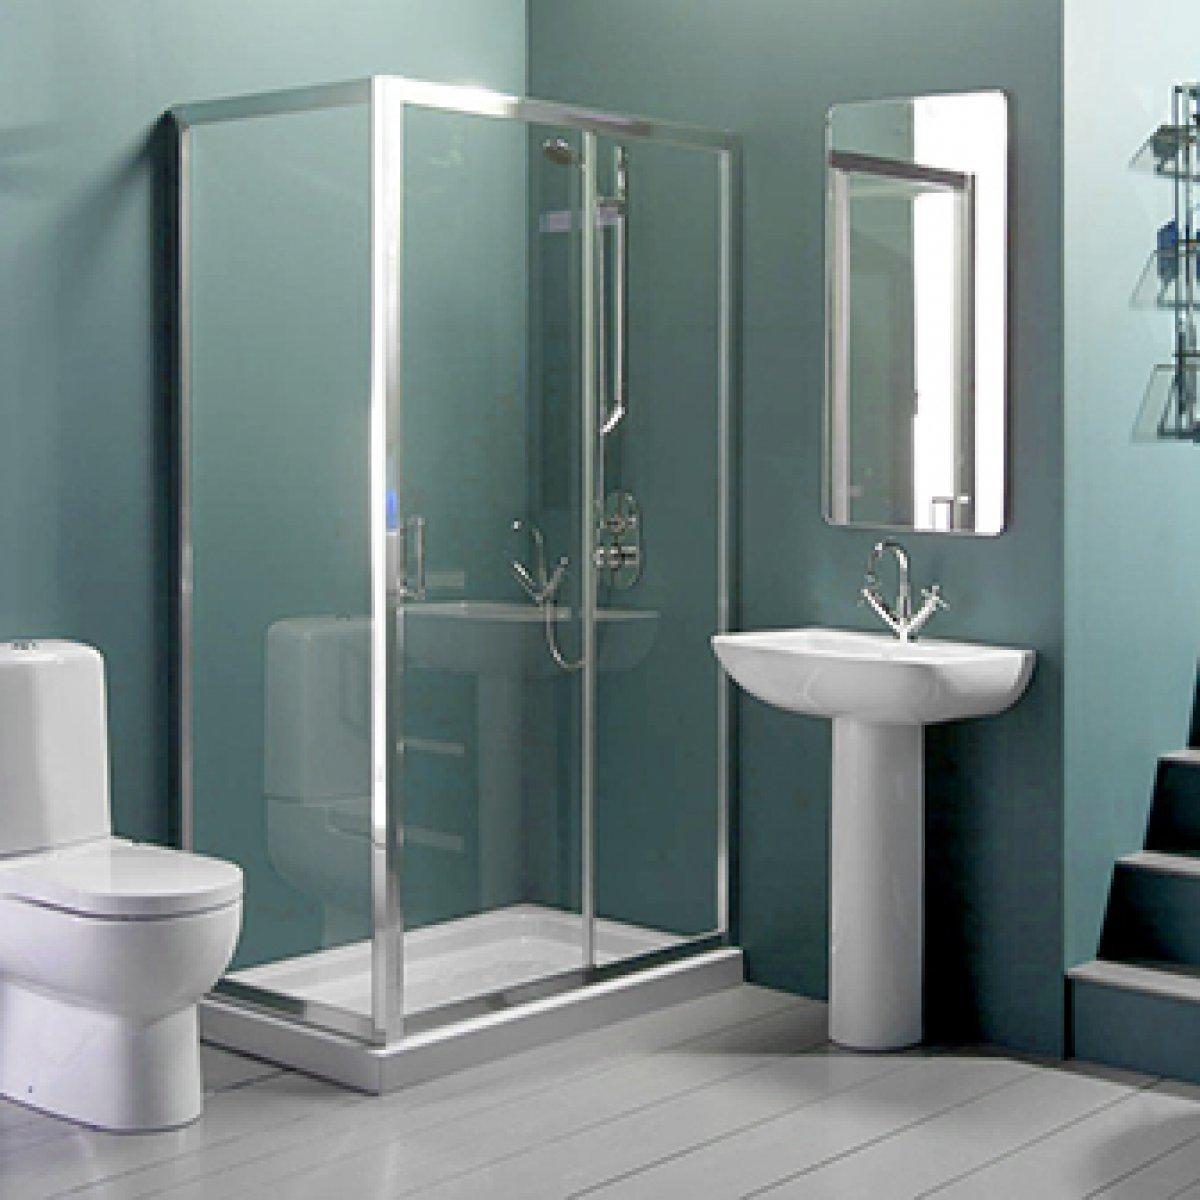 Είδη μπάνιου | Mymegamarket.gr